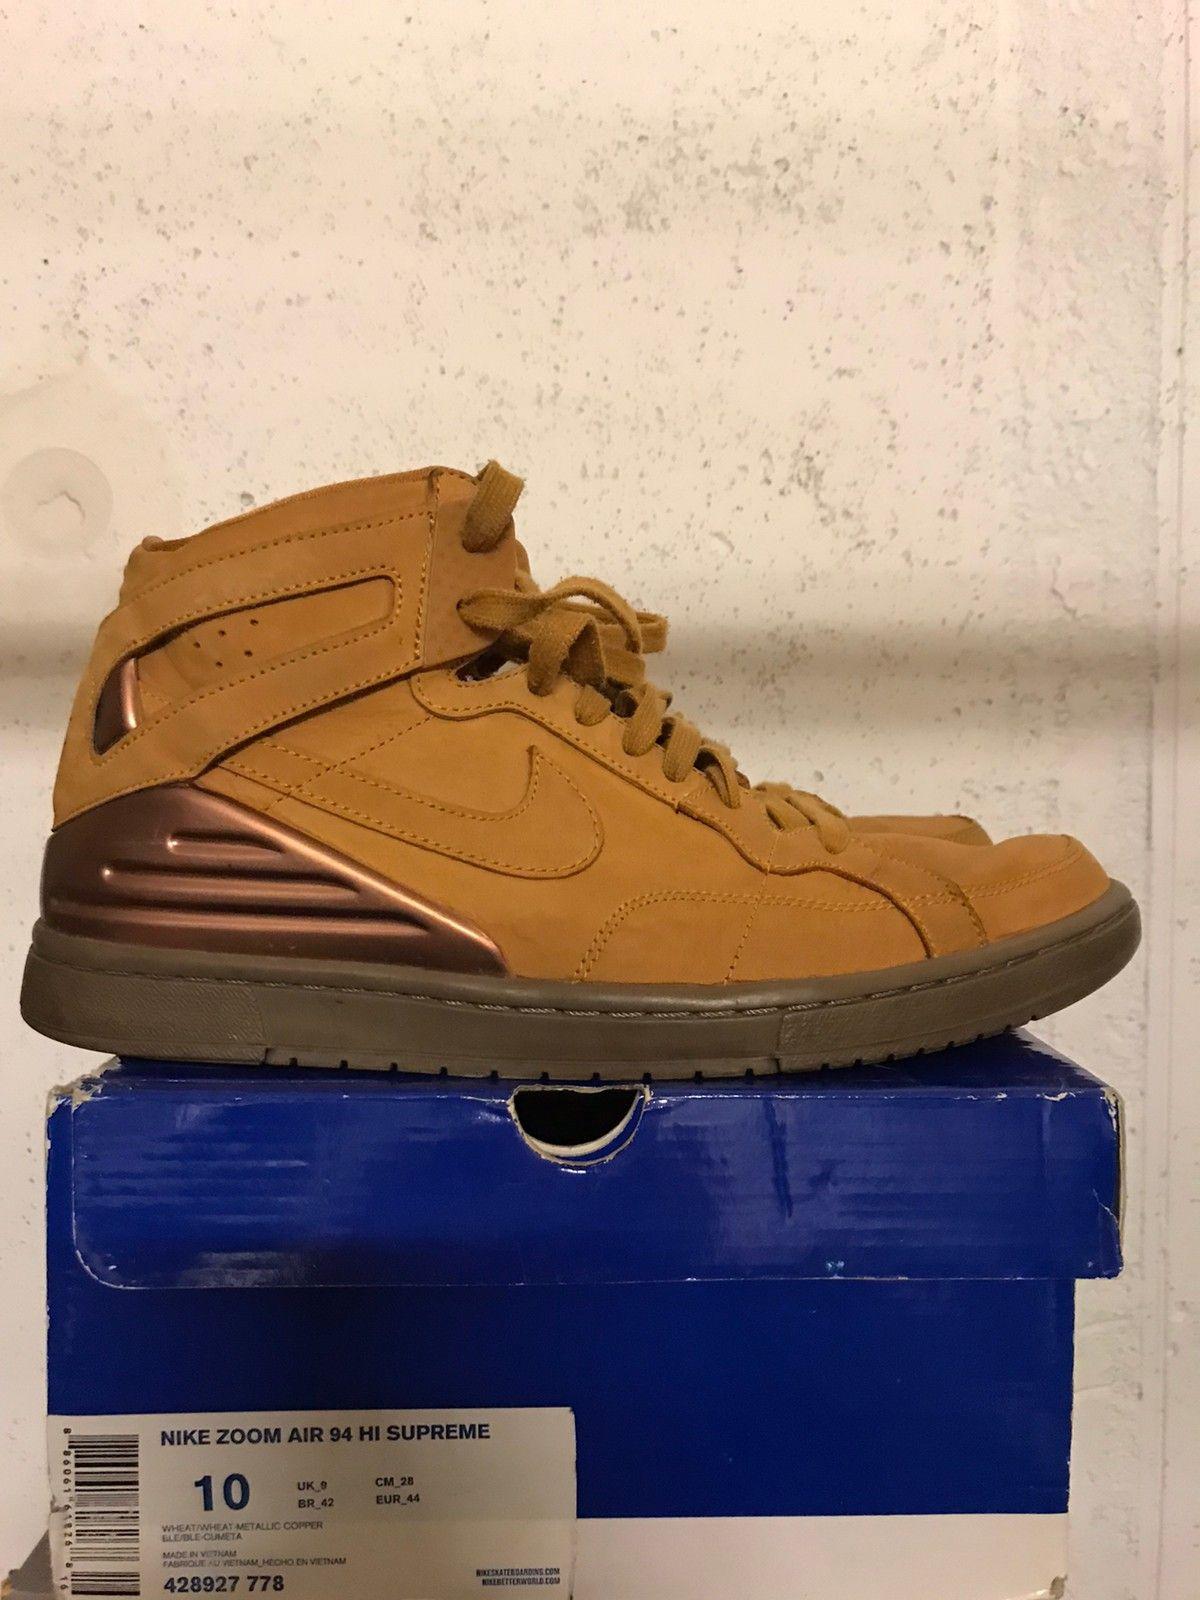 Supreme x Nike zoom Air 94 wheet US 10   FINN.no